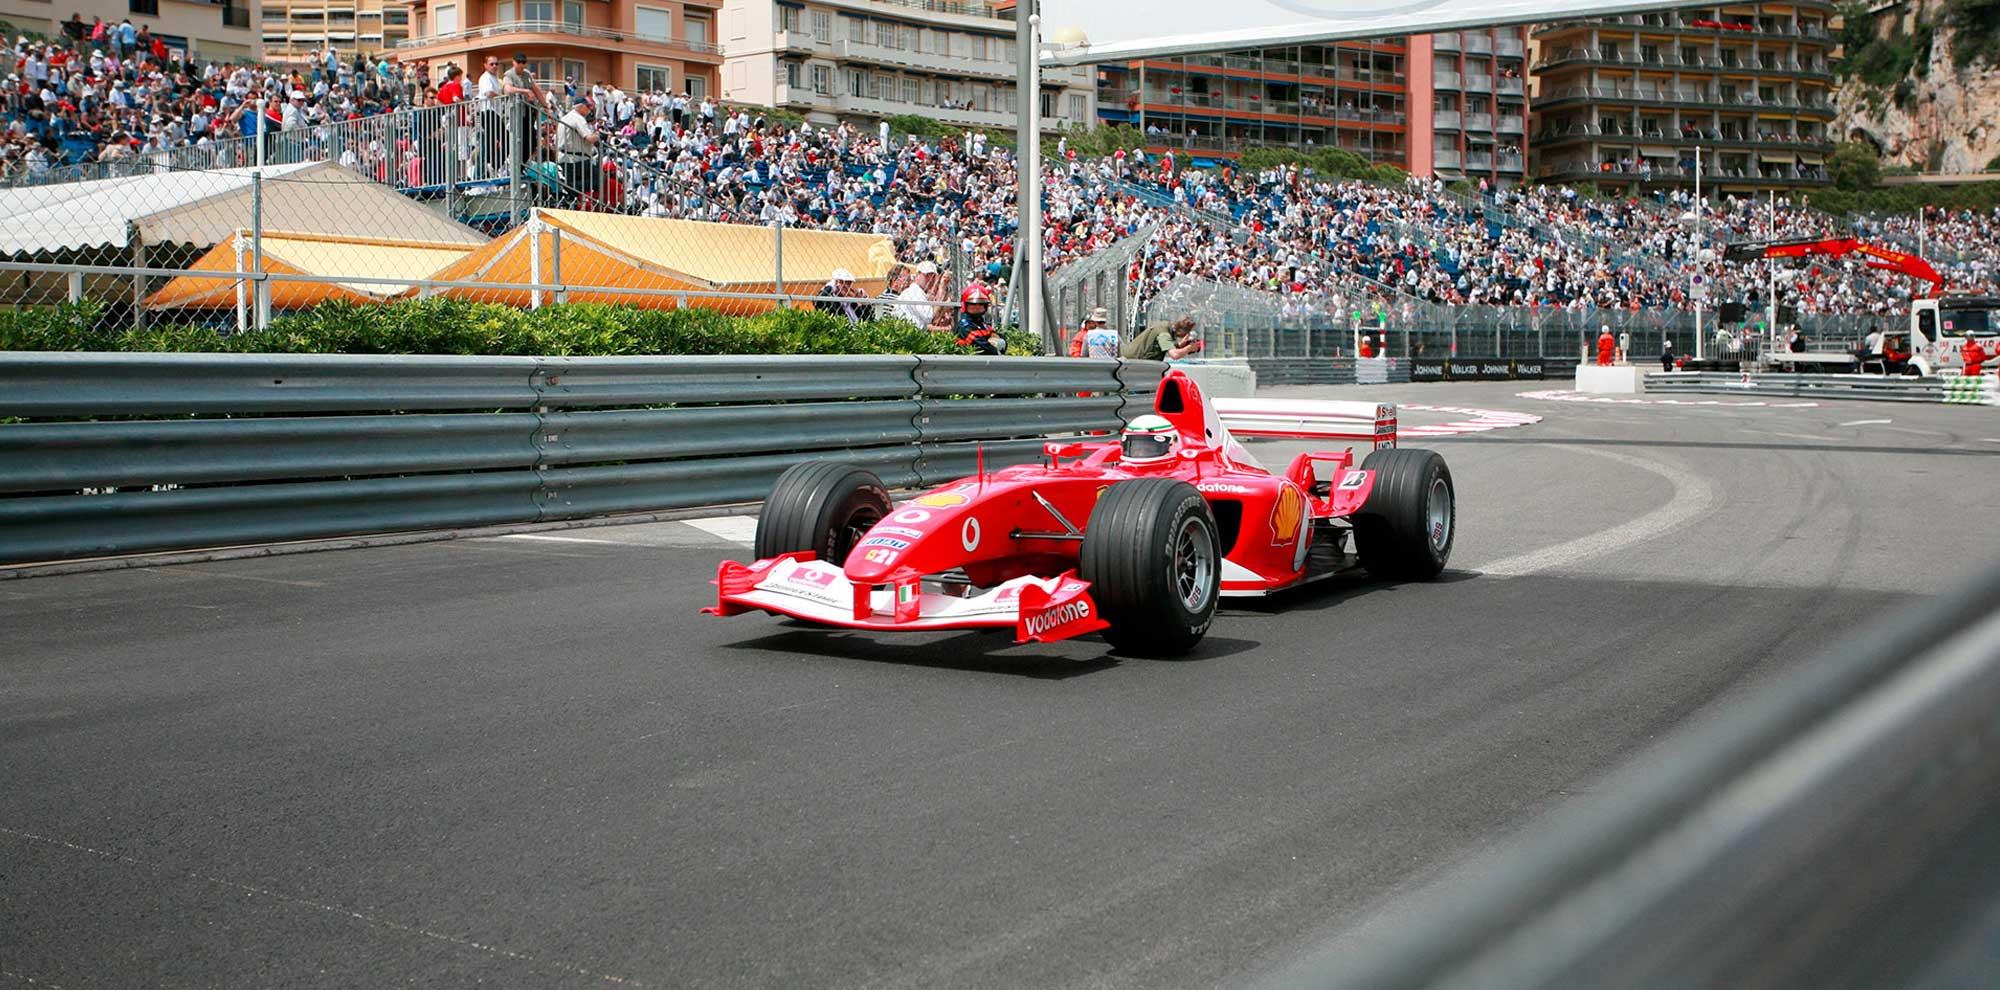 Assistez au Grand Prix de F1 sur le circuit mythique de Monaco